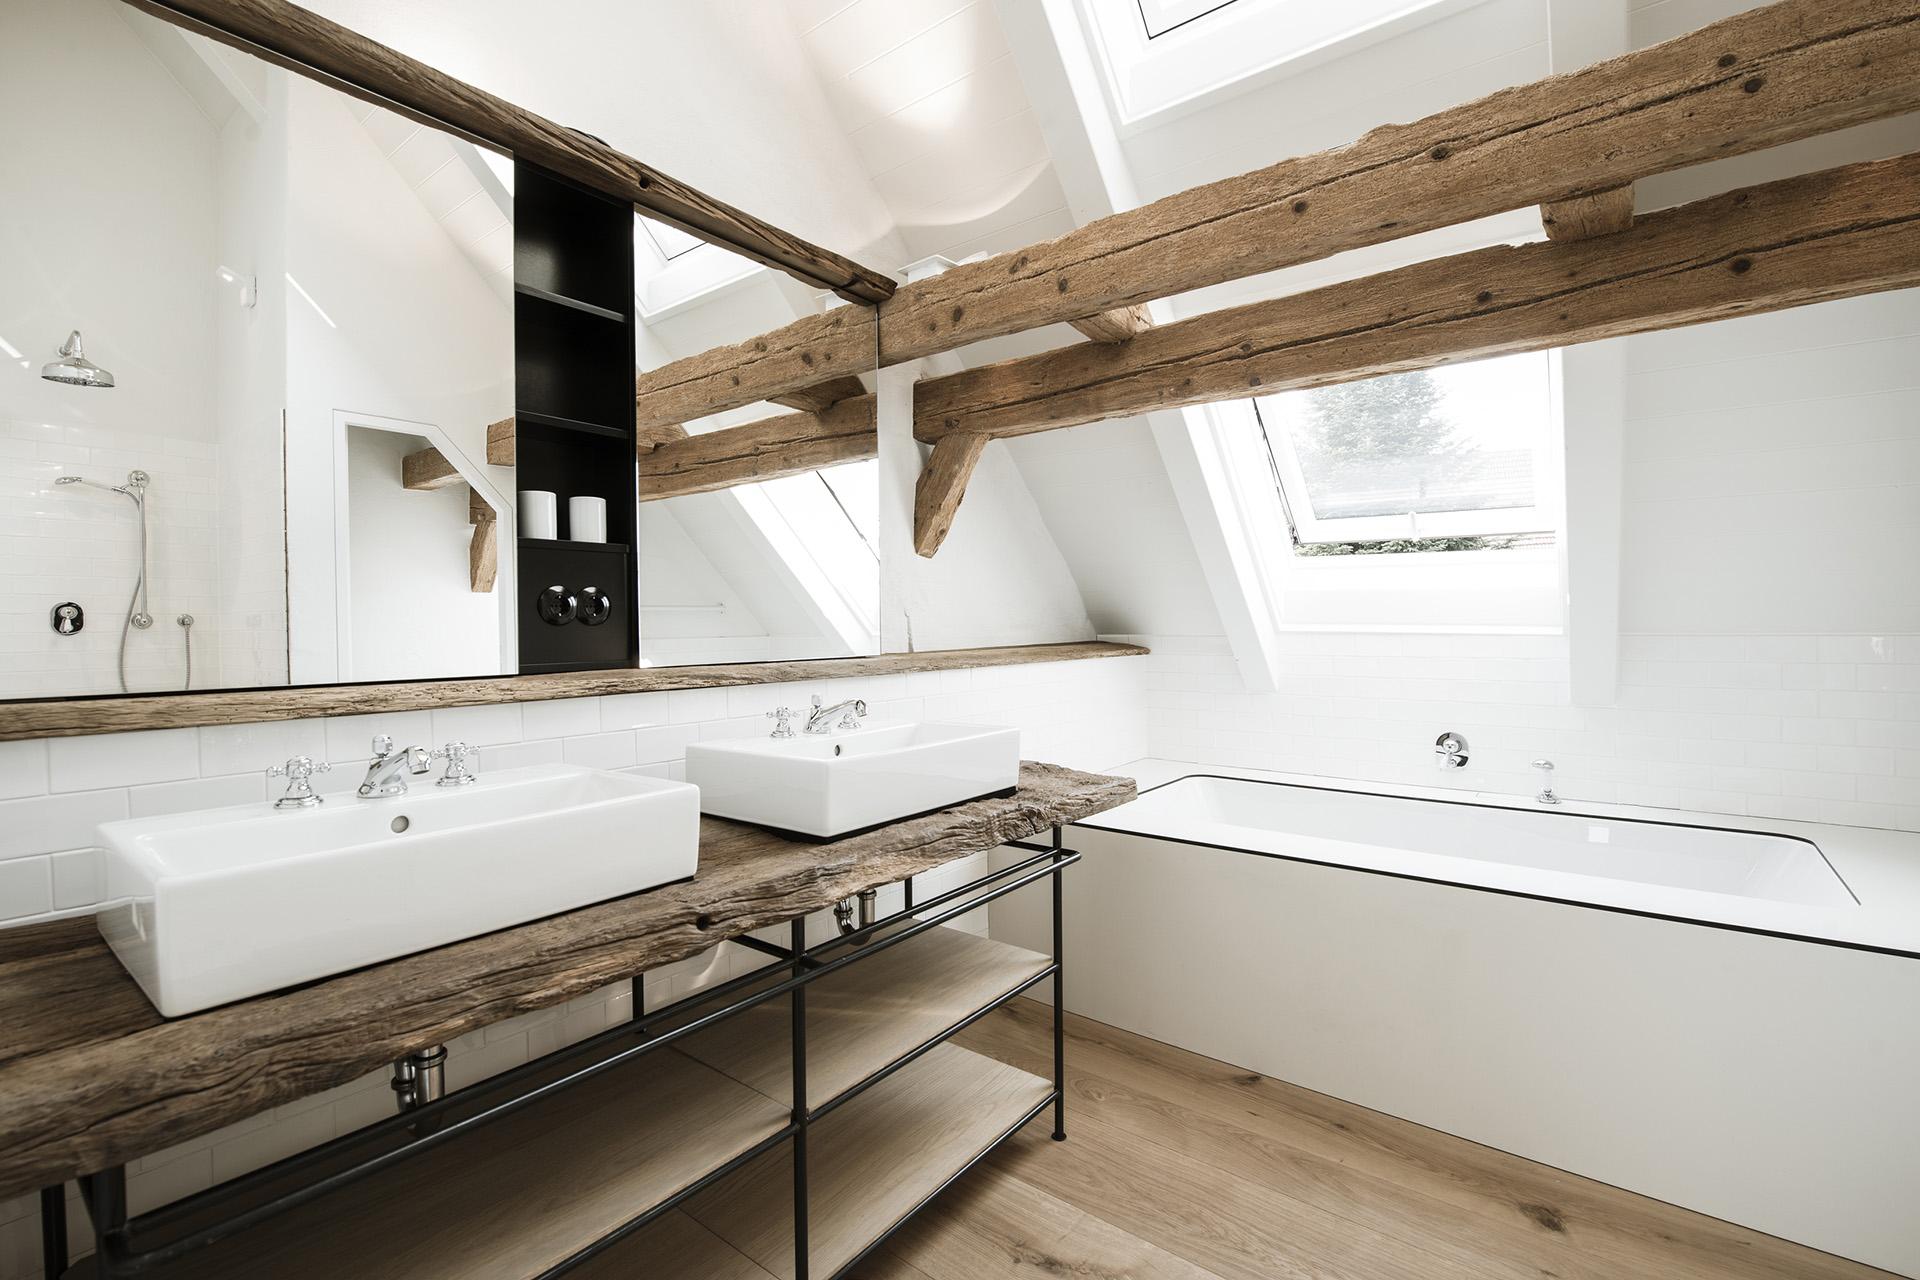 010-interior-design-residential-farmhouse-renovation-buero-philipp-moeller.jpg